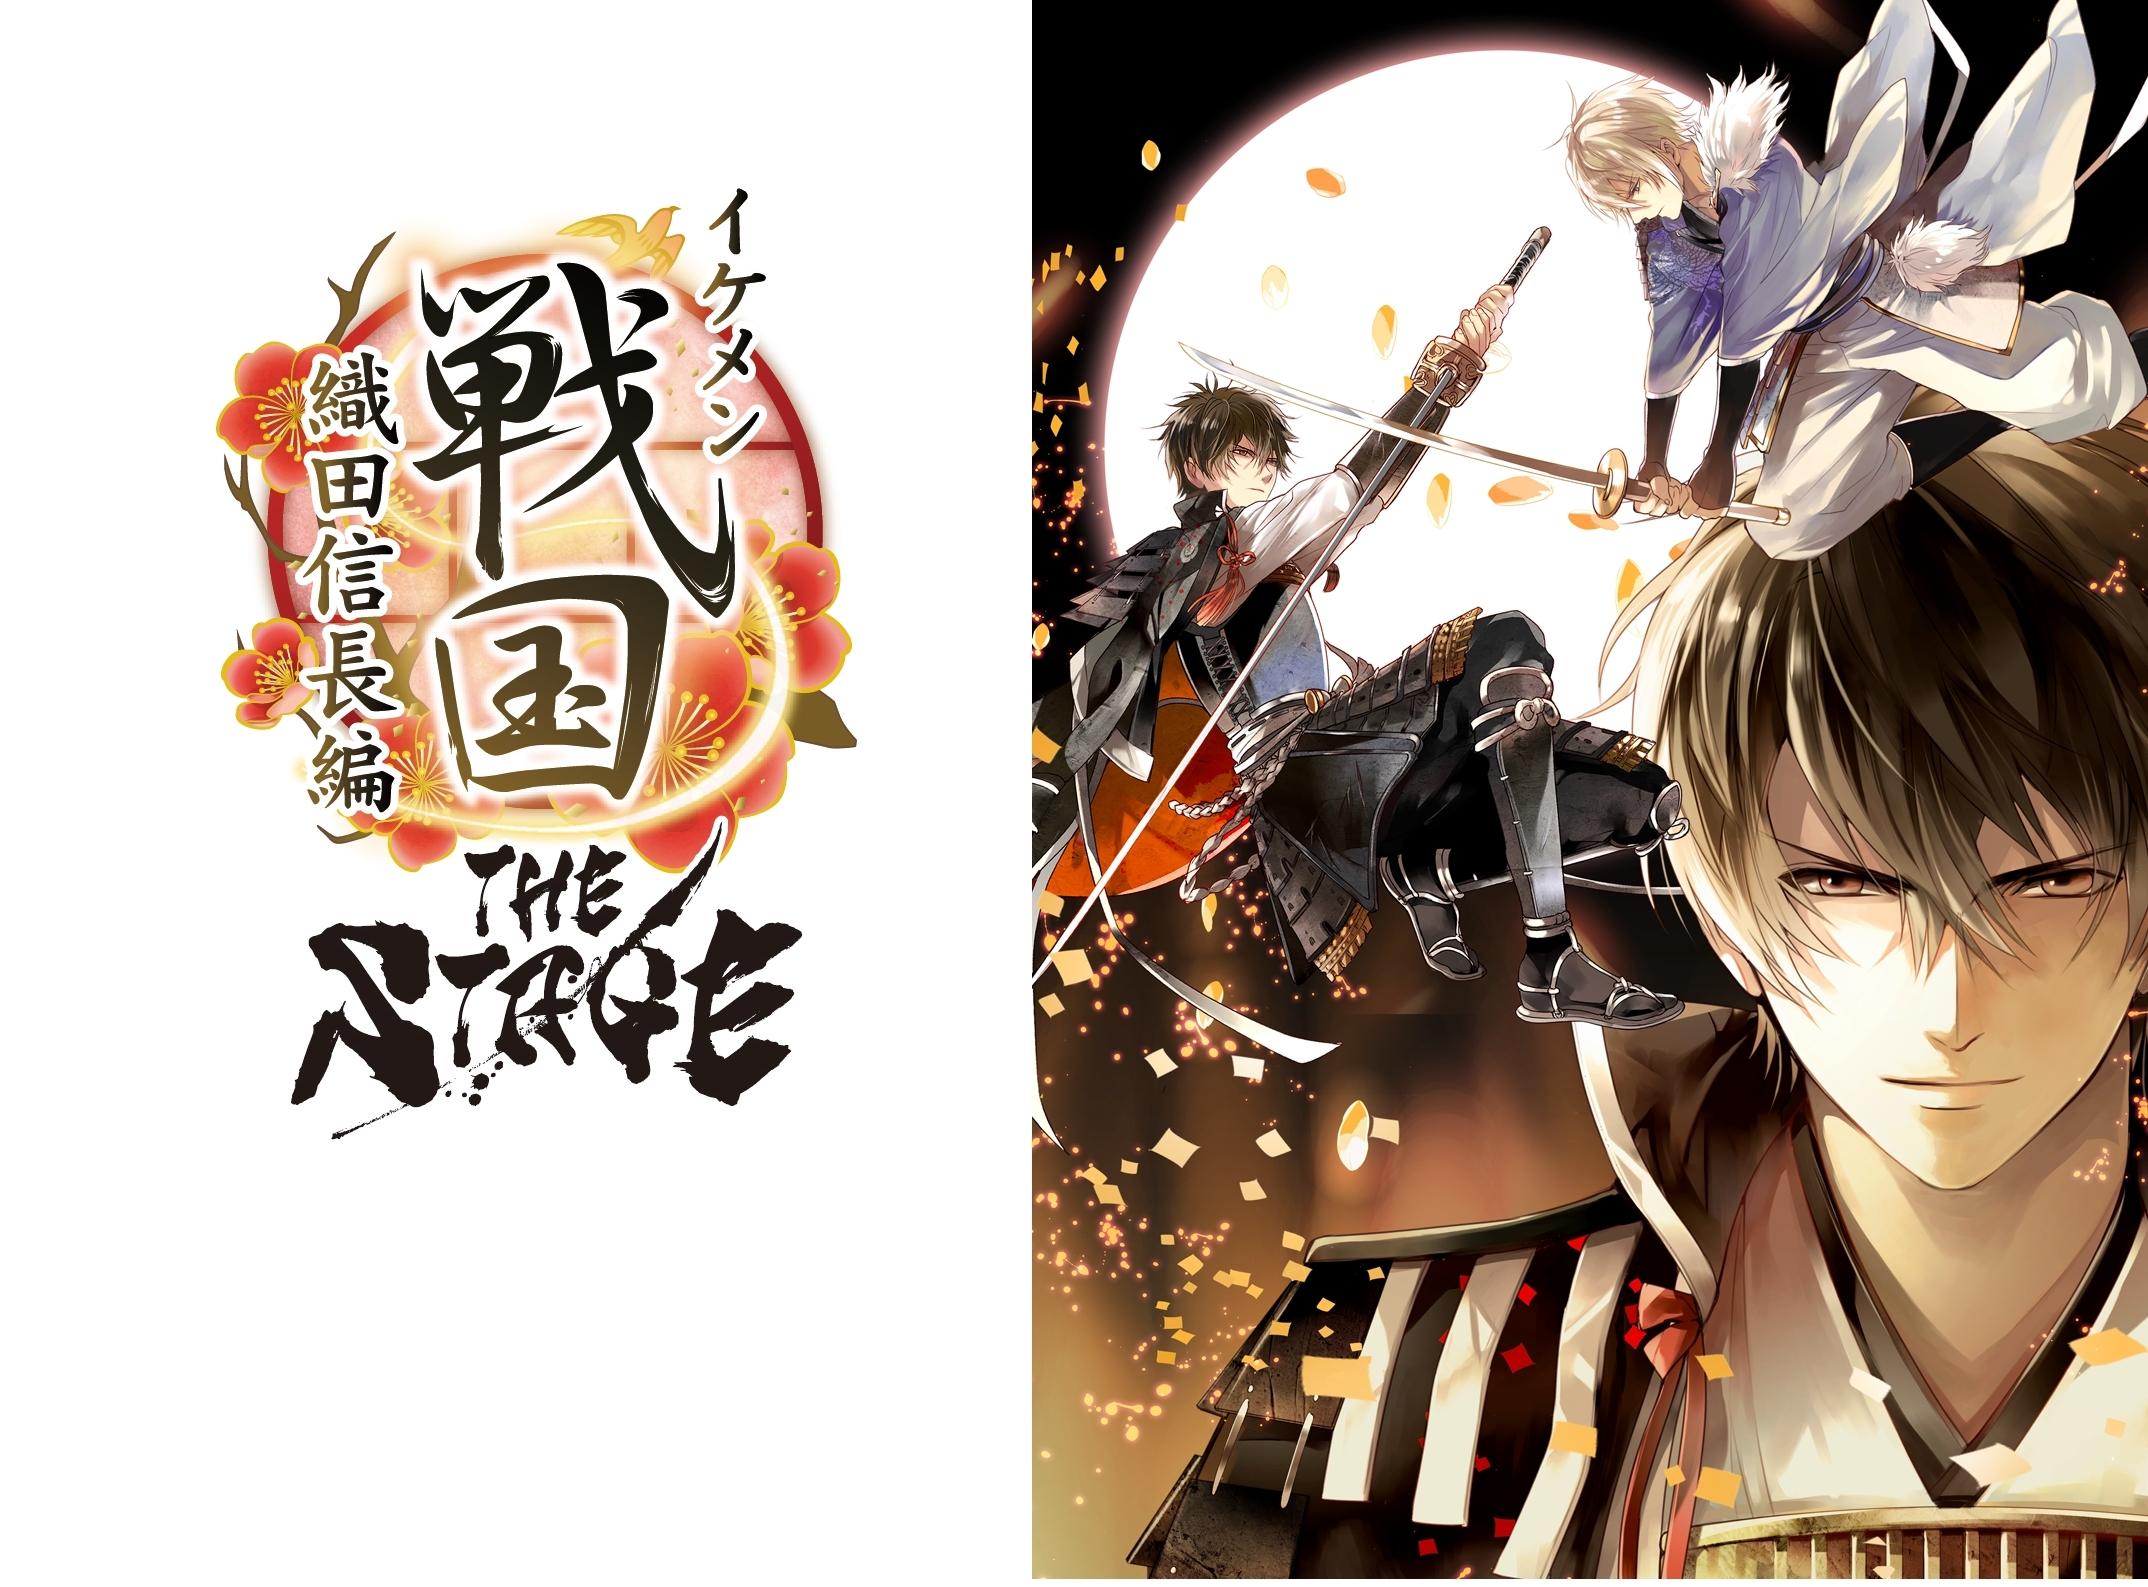 (右)キャラクターデザインを手掛ける山田シロ氏による描き下ろしビジュアル